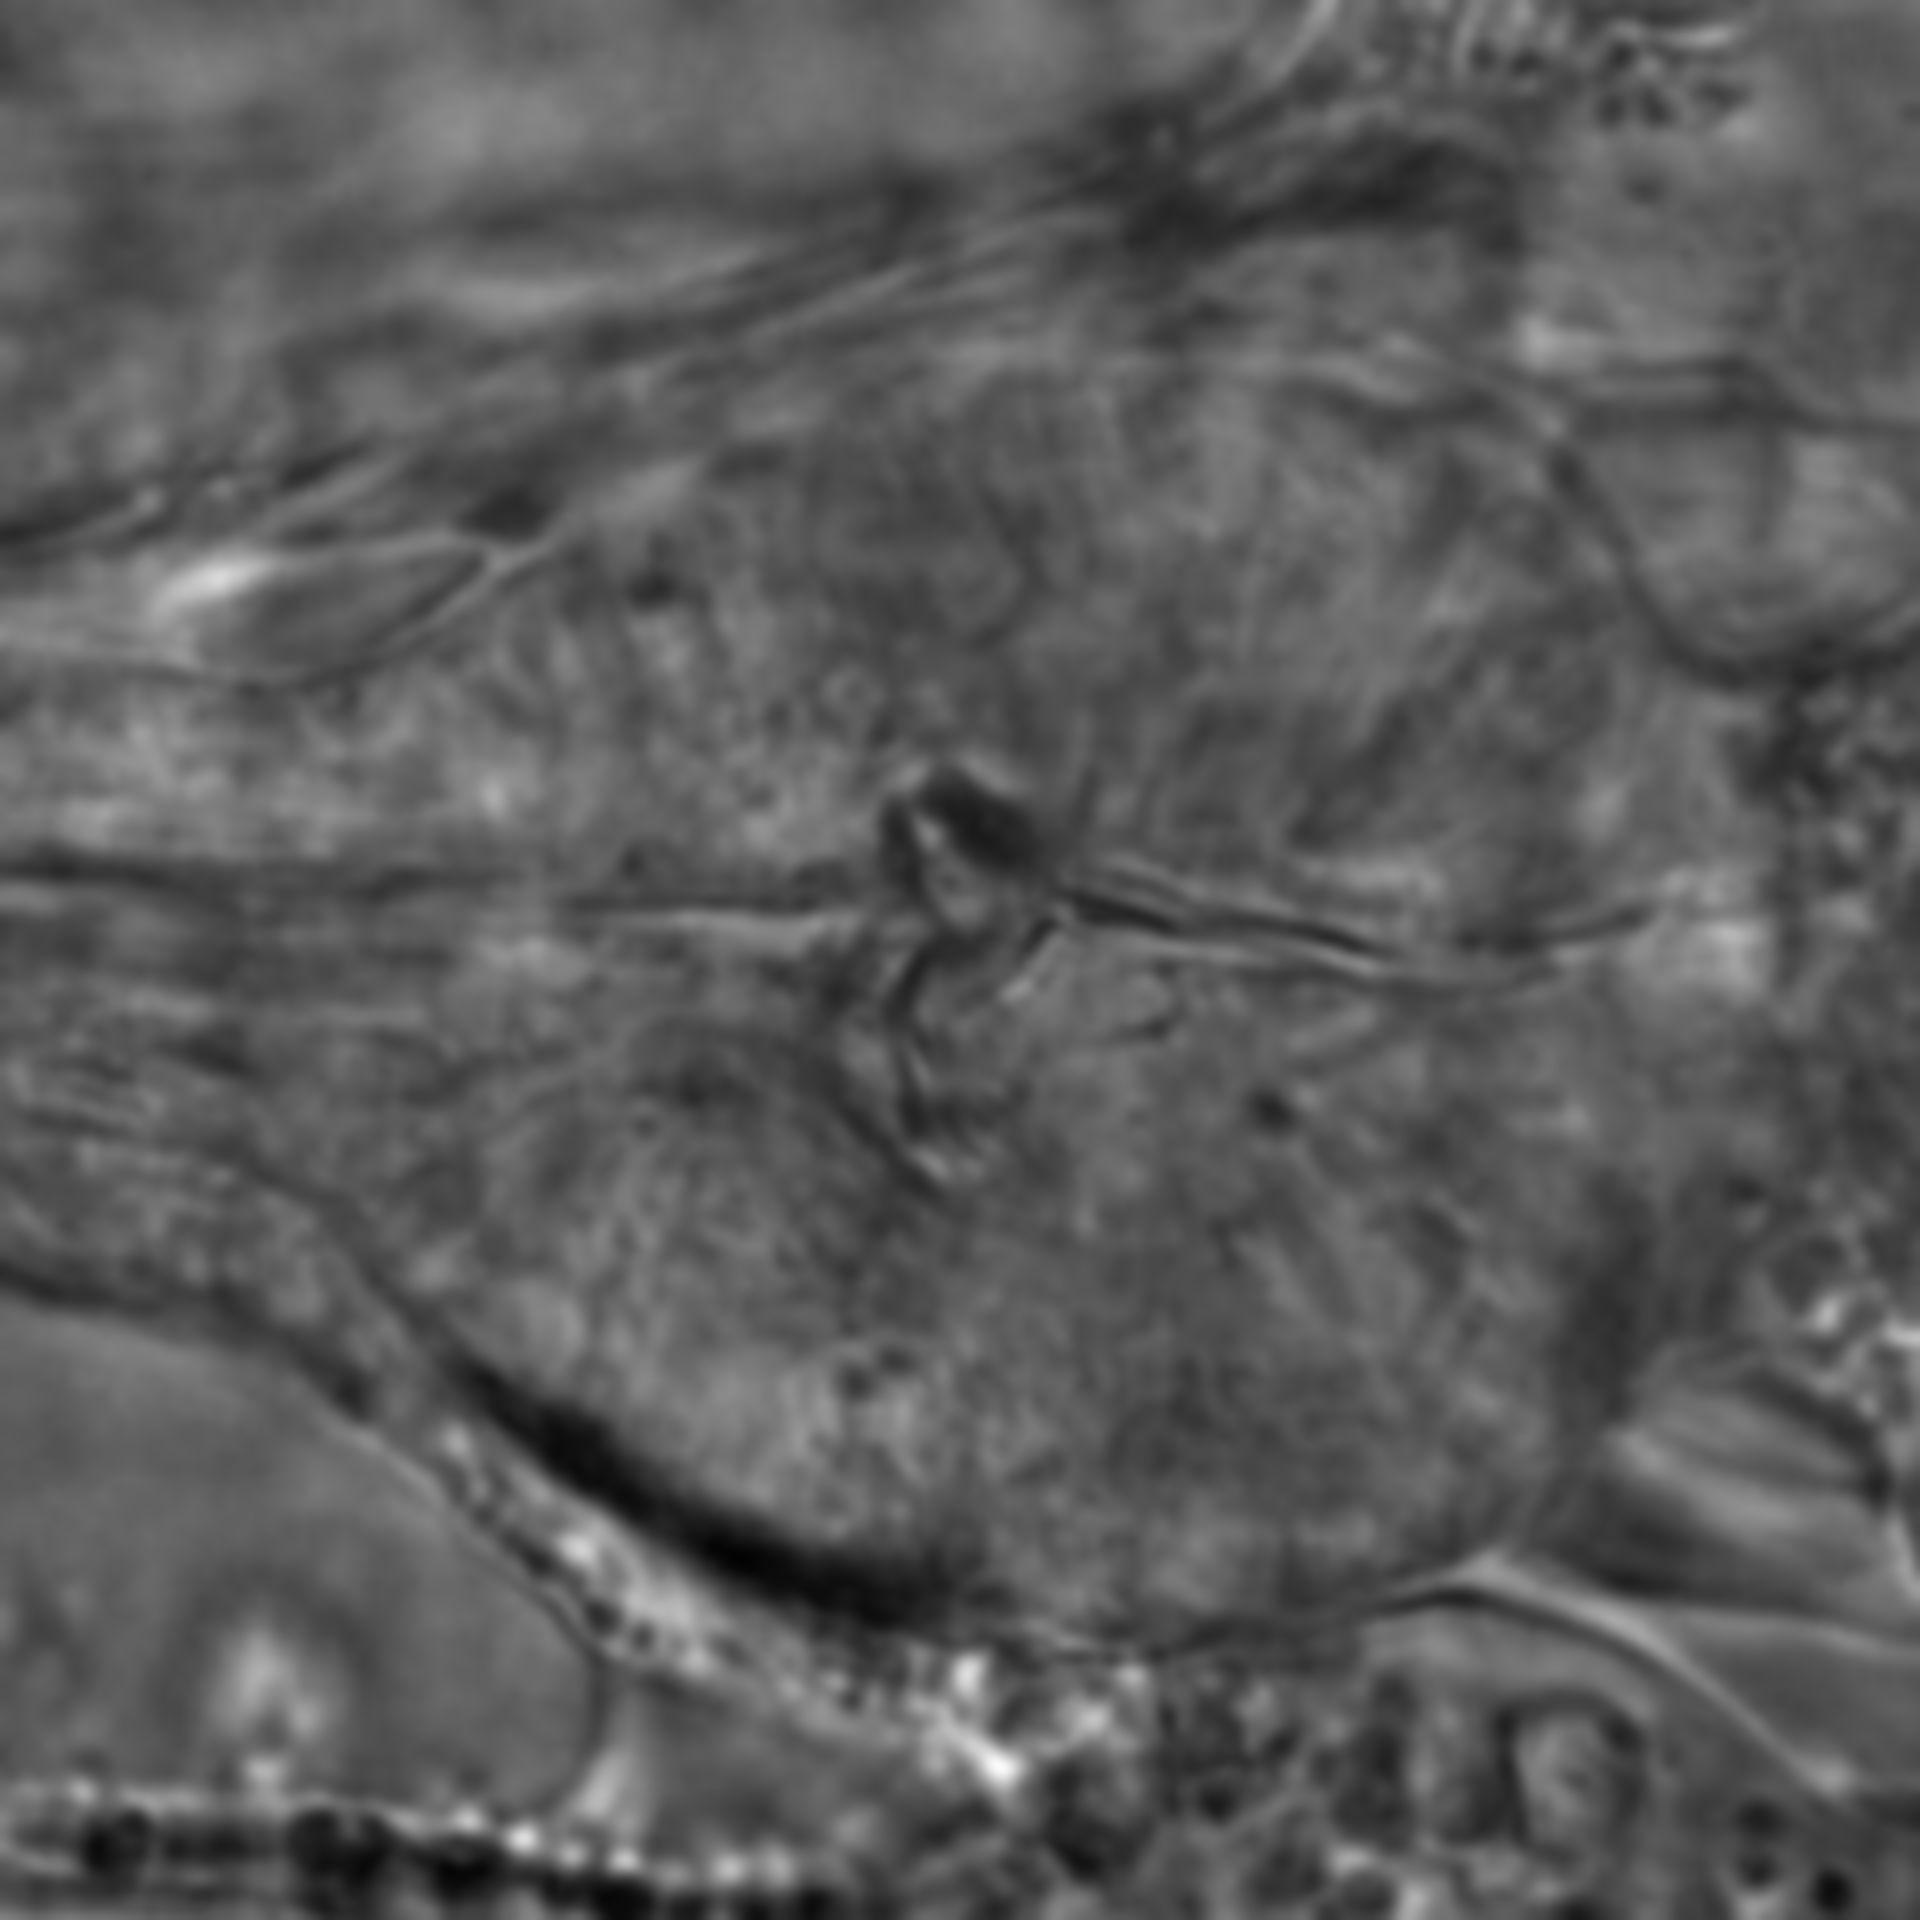 Caenorhabditis elegans - CIL:1757